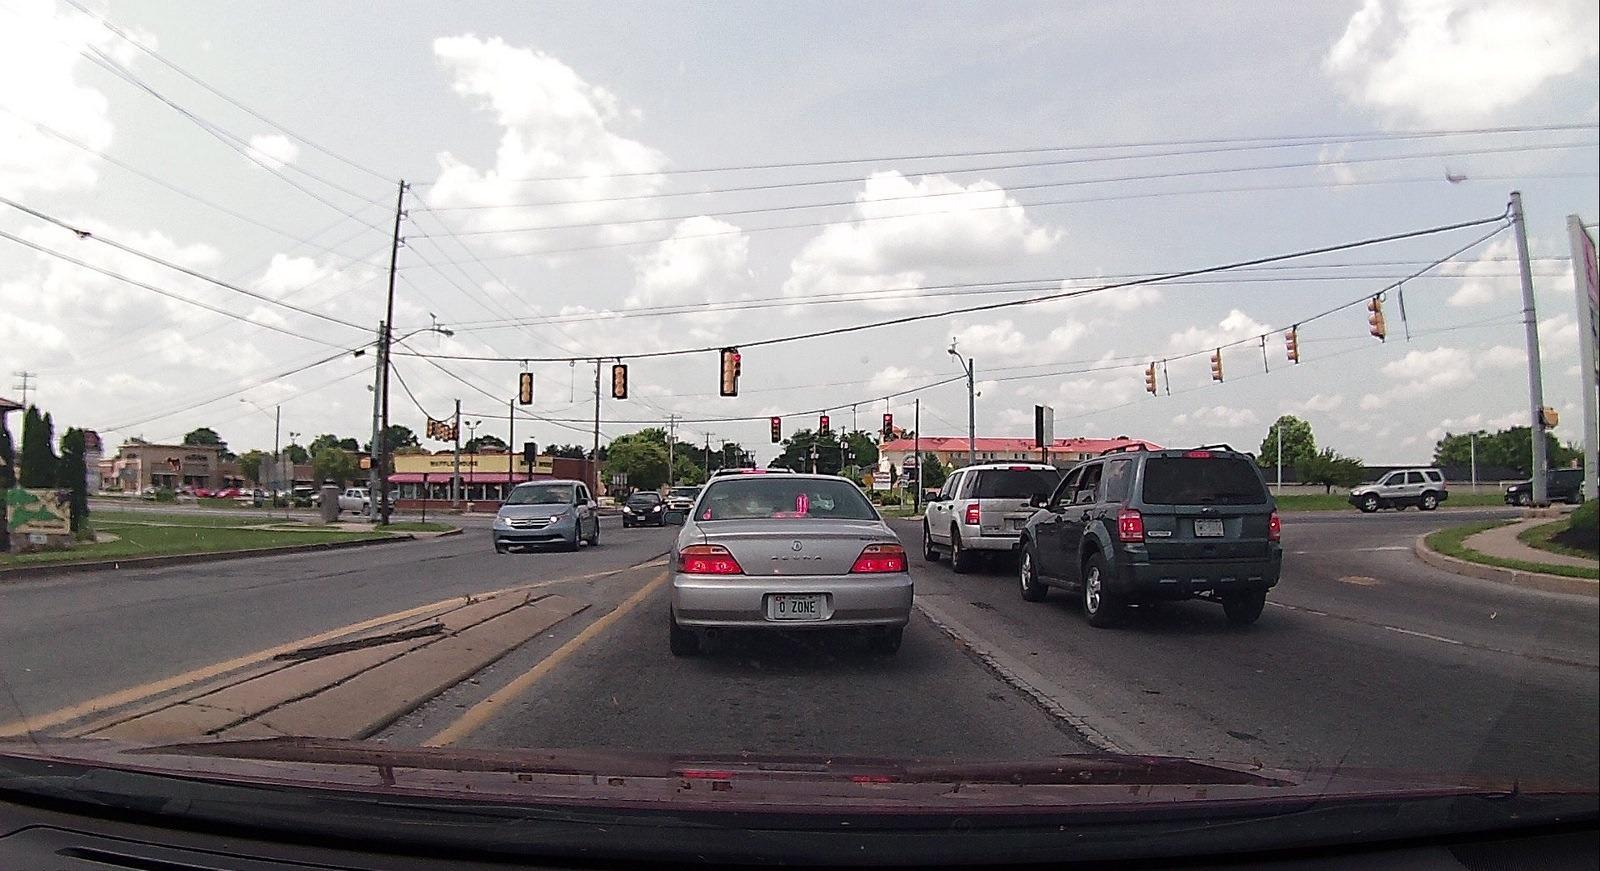 O cameră auto este foarte utilă în trafic. Foto: Flickr / Eli Christman